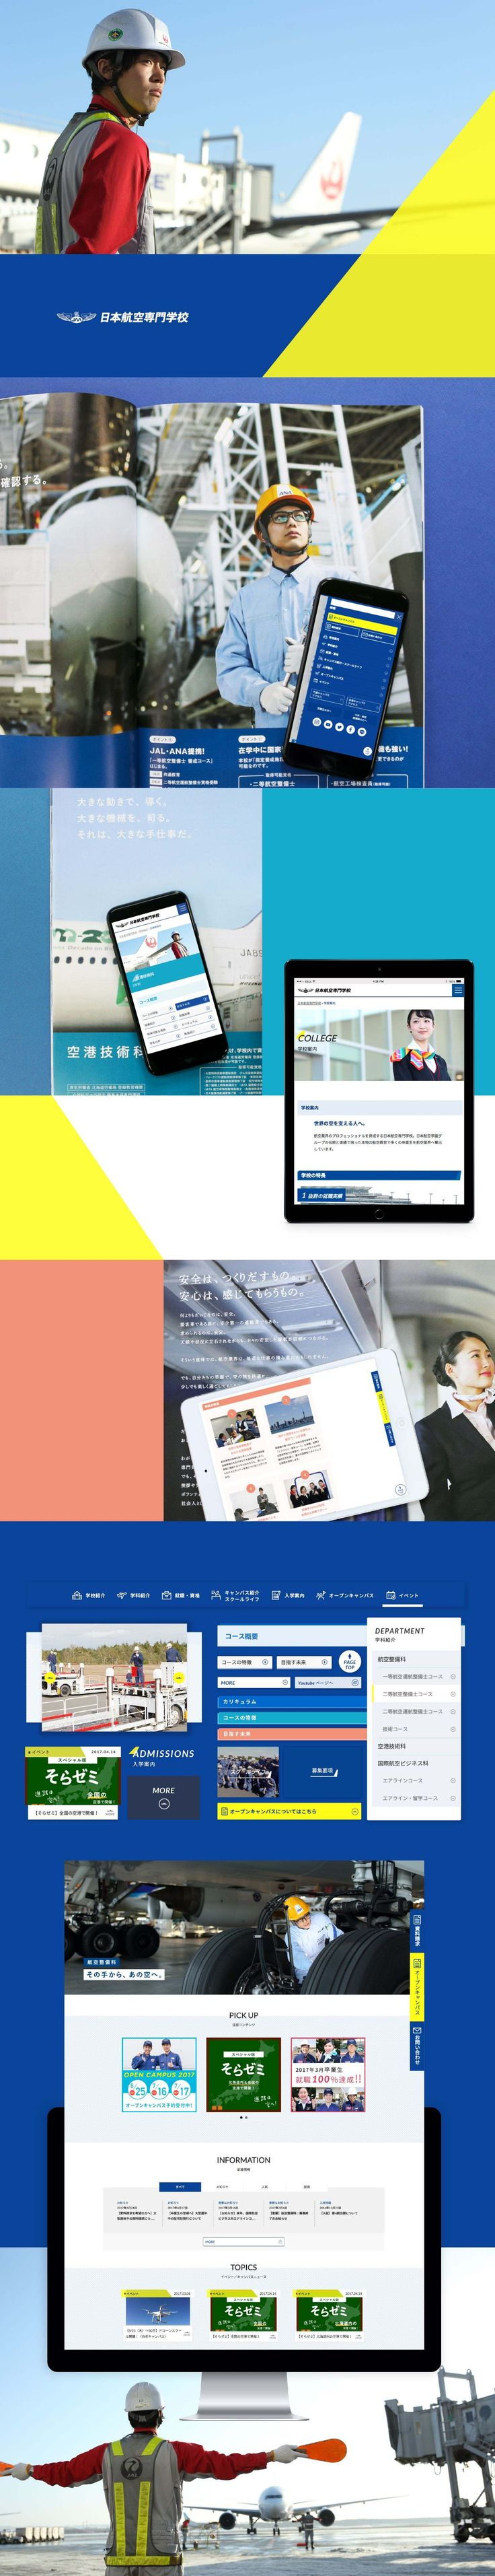 日本航空専門学校 - IMPROVIDE Co.,Ltd. 「国家に有益な航空技術者の養成」を目標に掲げ、高等学校・専門学校・大学校を運営する学校法人 日本航空学園グループは建学85年、国内で最大最古の航空教育機関です。 日本航空学園グループ校である日本航空専門学校は北海道ならではの広大な敷地と豊かな自然を活かした千歳、白老と2つのキャンパスを構えており、これまでに多くの人材を航空業界へ輩出しています。 新千歳空港にほど近い立地の千歳キャンパスでは、航空整備士・グランドハンドリングを目指す学生が実習用の小型機や本物のジェットエンジンを取り扱うなど、実践に近い環境の中で技術を学んでいます。 また2017年度からは客室乗務員・グランドホステスなどを目指す国際航空ビジネス科も千歳キャンパスに移転されました。 白老キャンパスでは2018年度に今後の需要に先駆けた「ドローン養成コース」が開設されることでも注目が高まっています。 Webサイトのリニューアルは、紙媒体であるパンフレットとの情報を一貫して統合・整理することで、媒体に関わらず統一感が生まれるよう工夫しています。